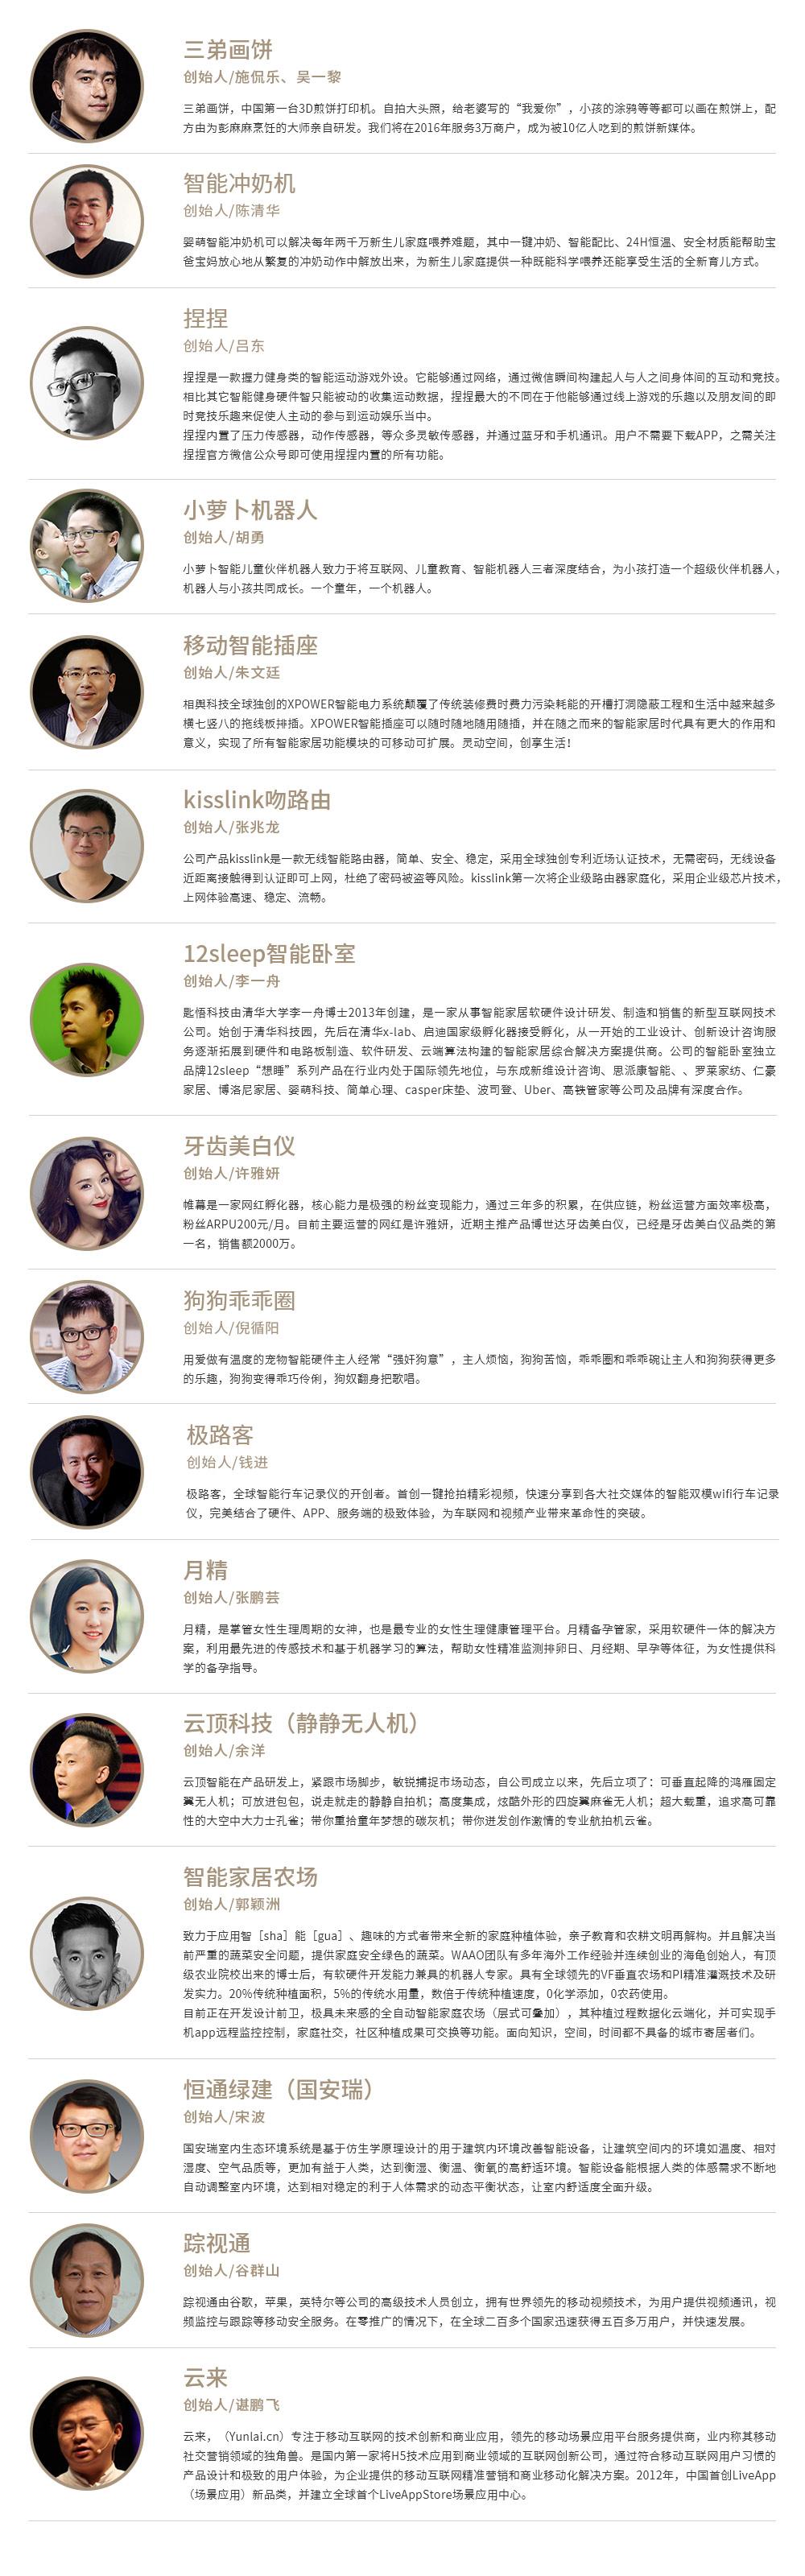 智能应用榜单